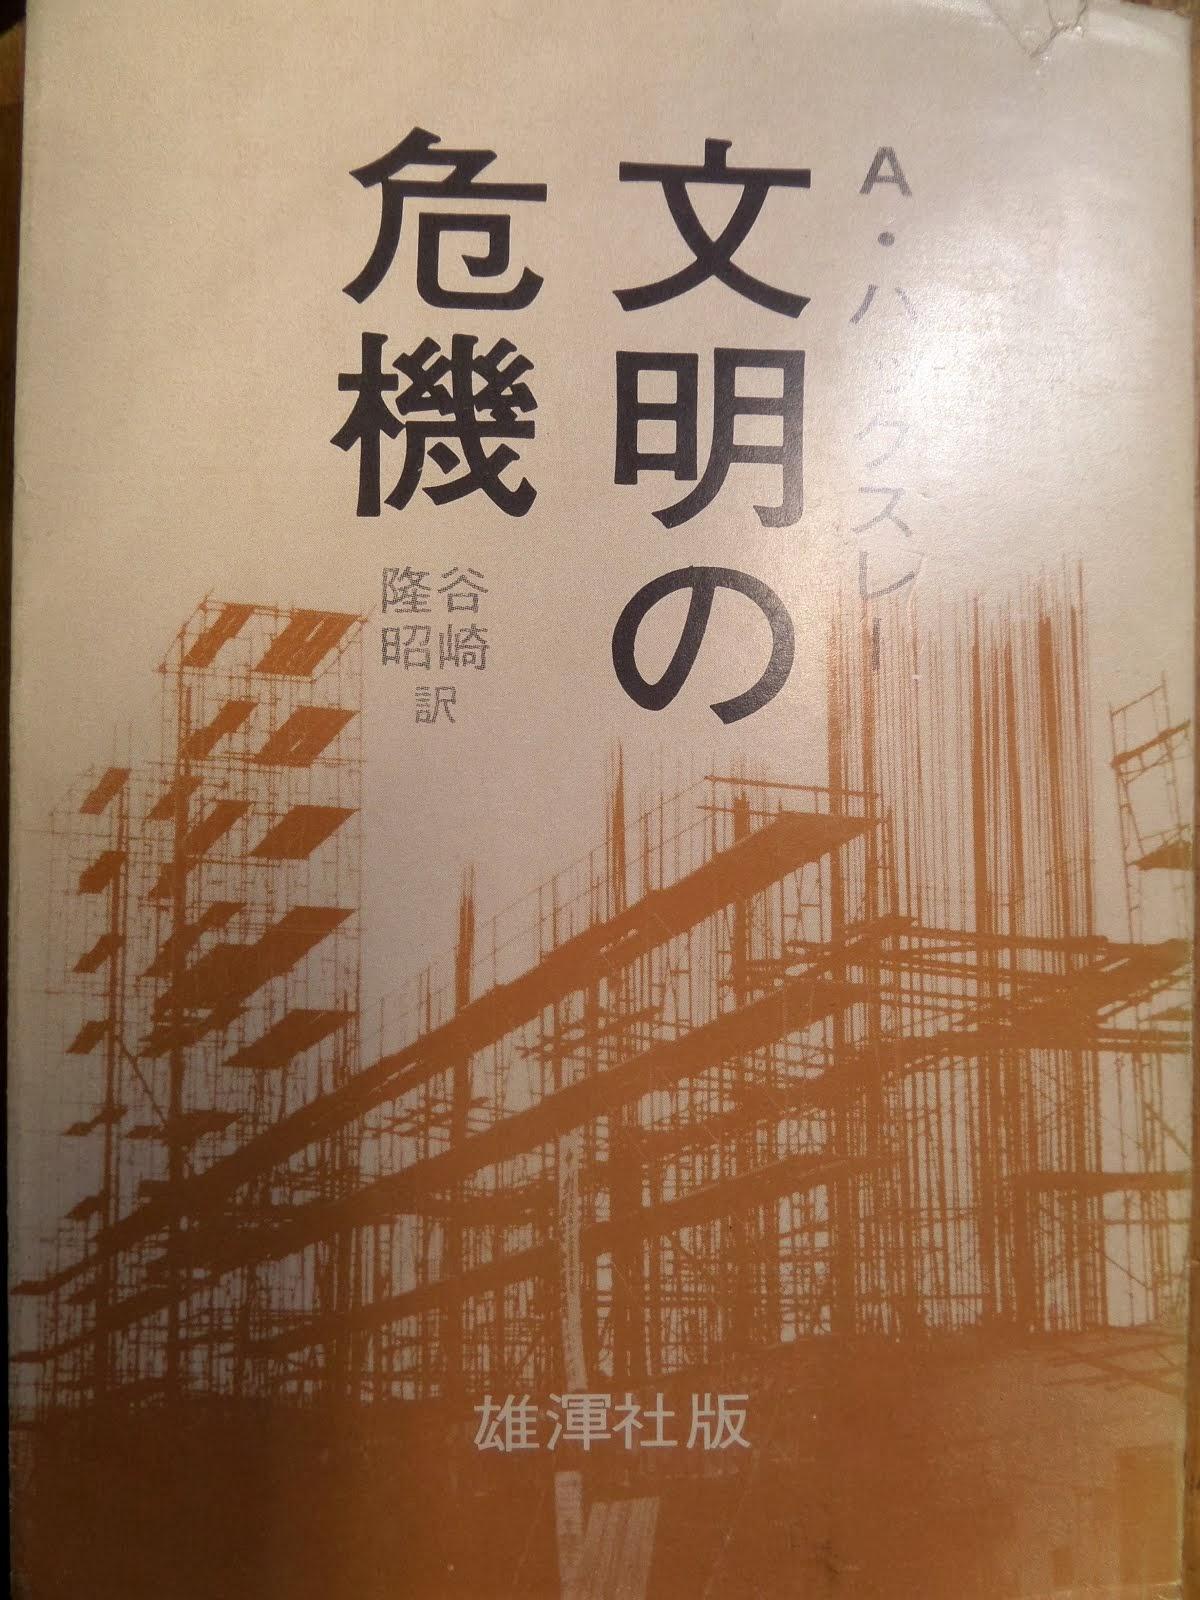 ハクスレーやオーエルの逆ユートピア問題解決へ 「文明の危機-素晴らしい新世界再訪-」を読む